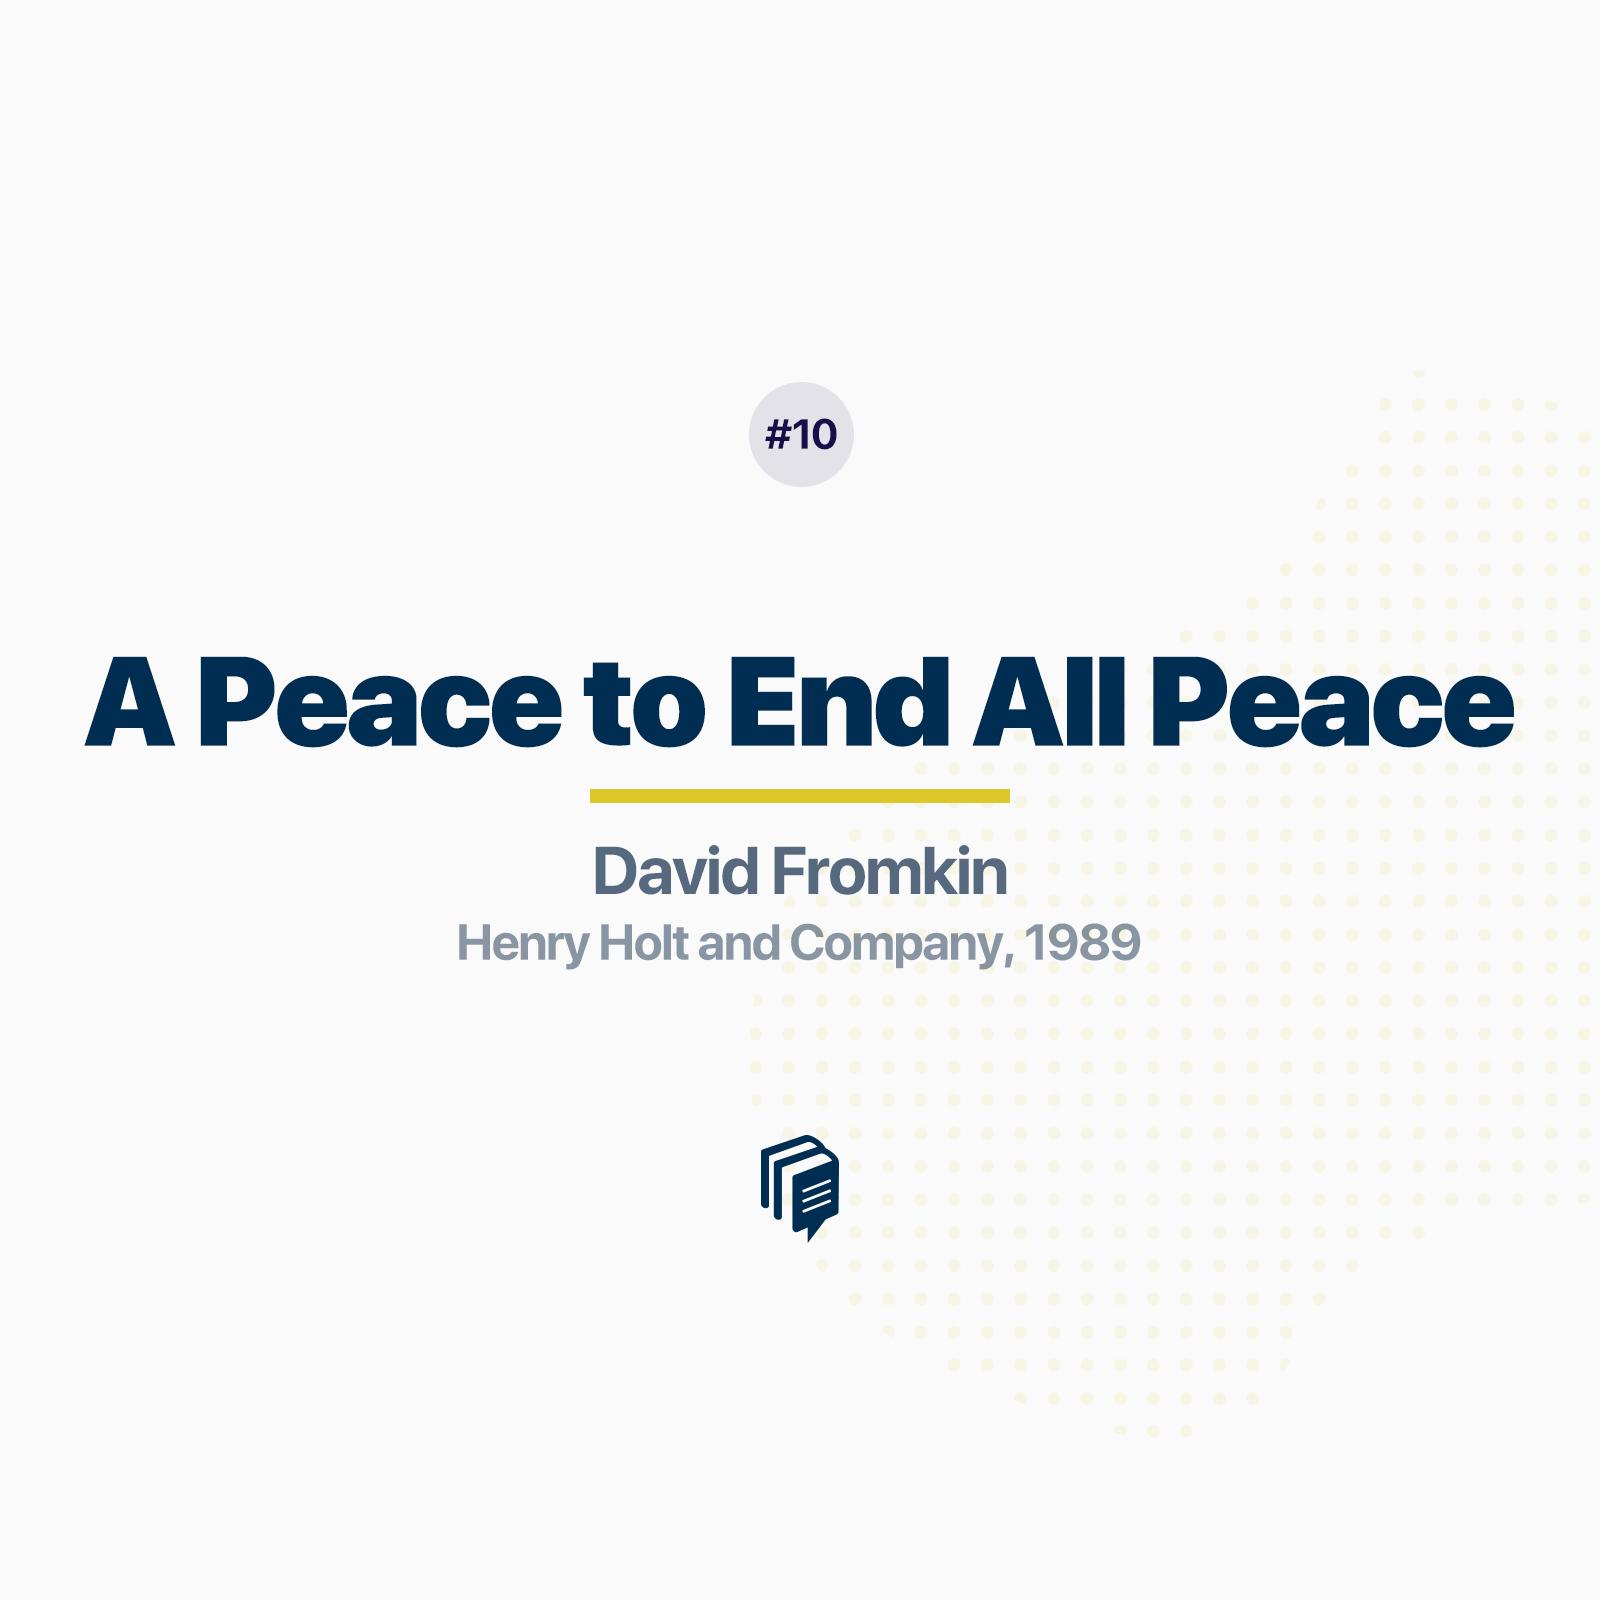 صلحی که همهی صلحها را بر باد داد